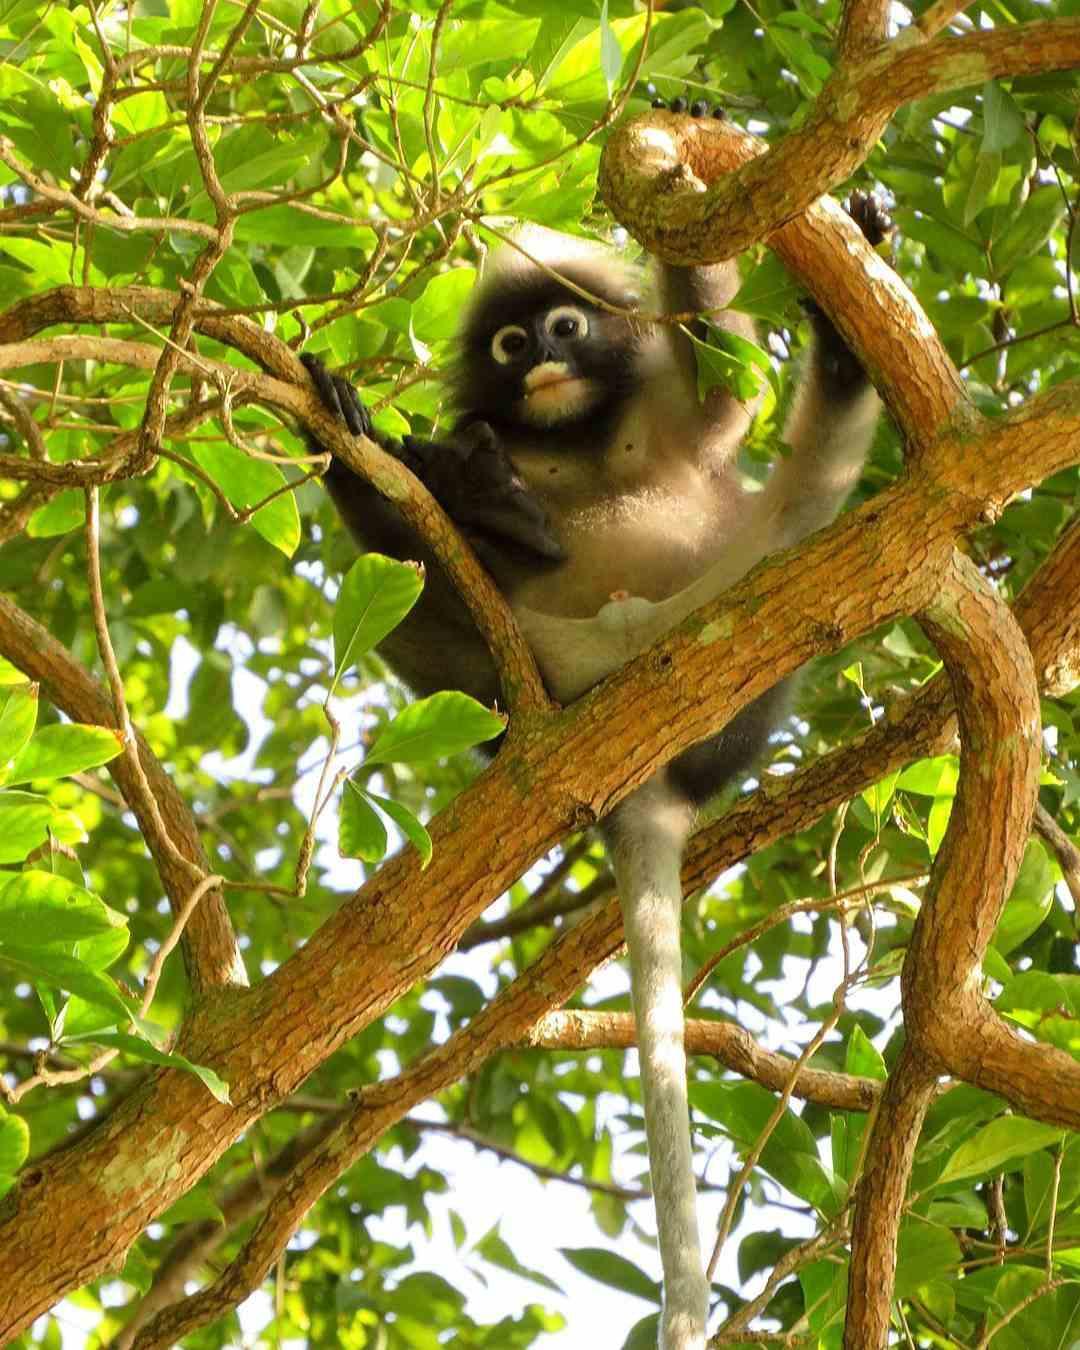 A monkey in Ao Nang